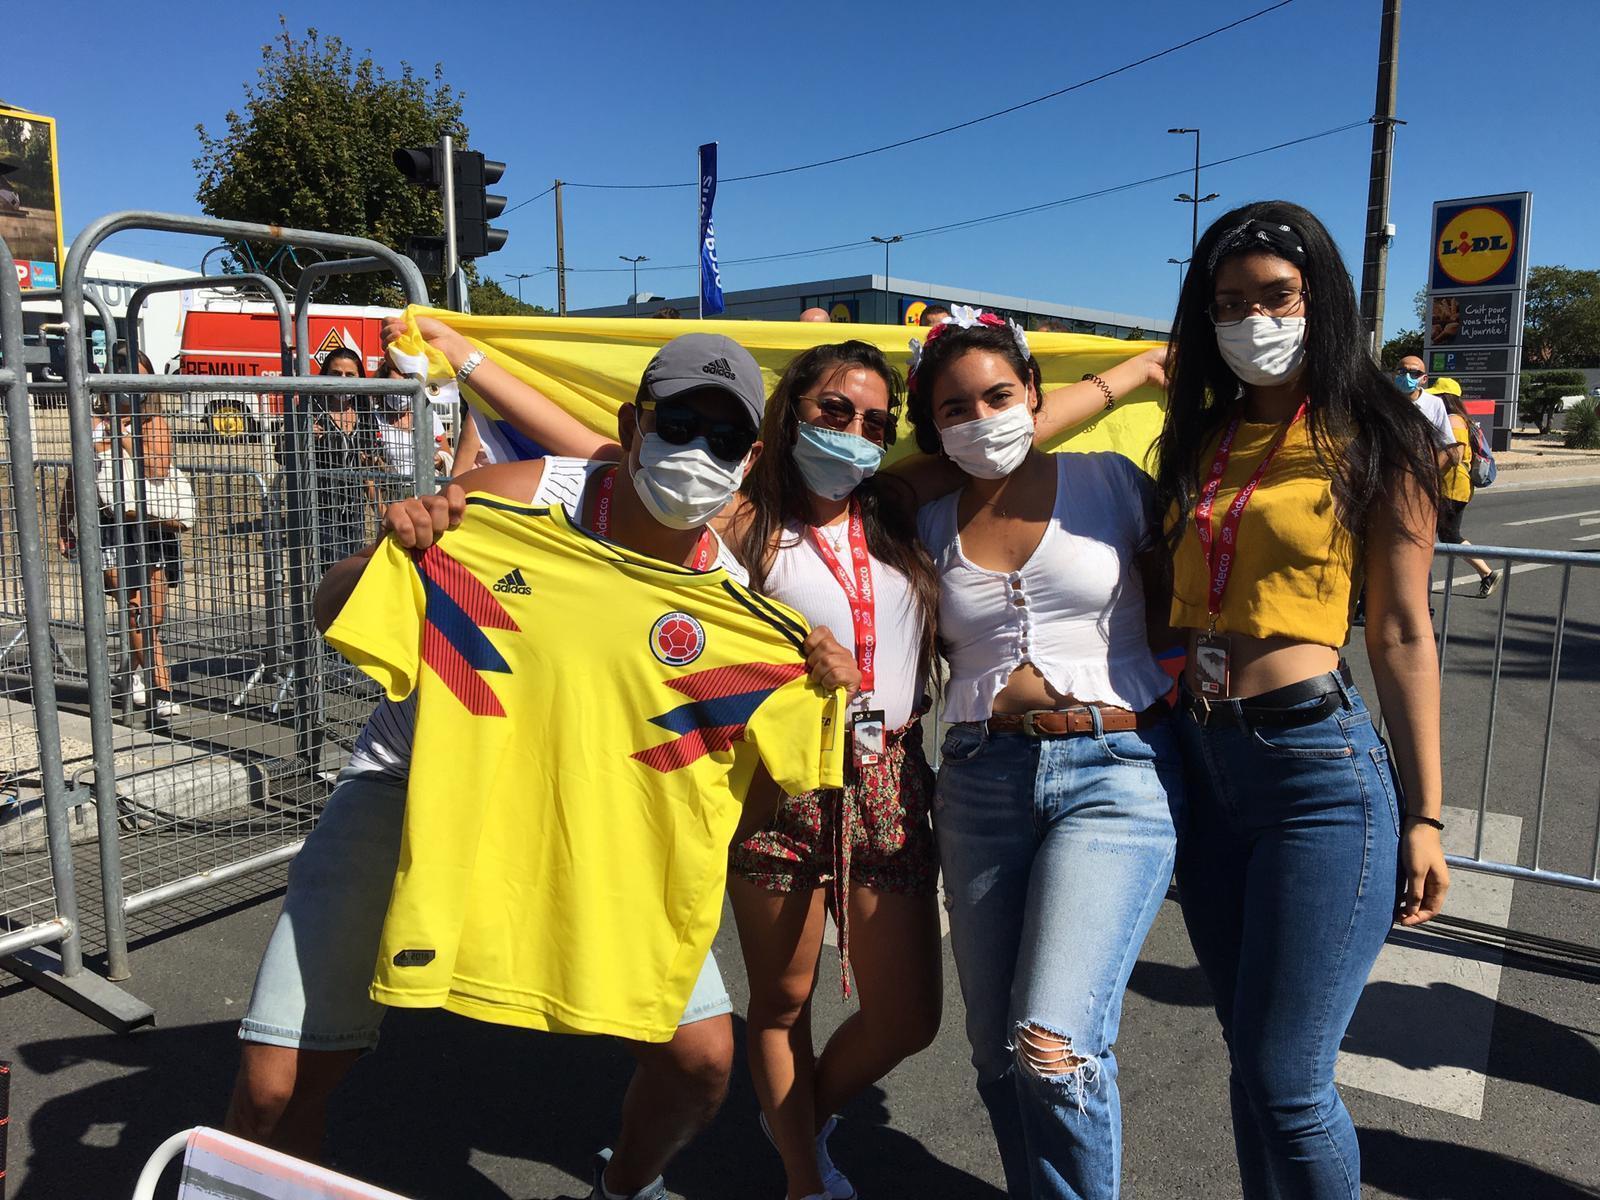 Colombianos en la llega de la etapa 11 en Poitiers.